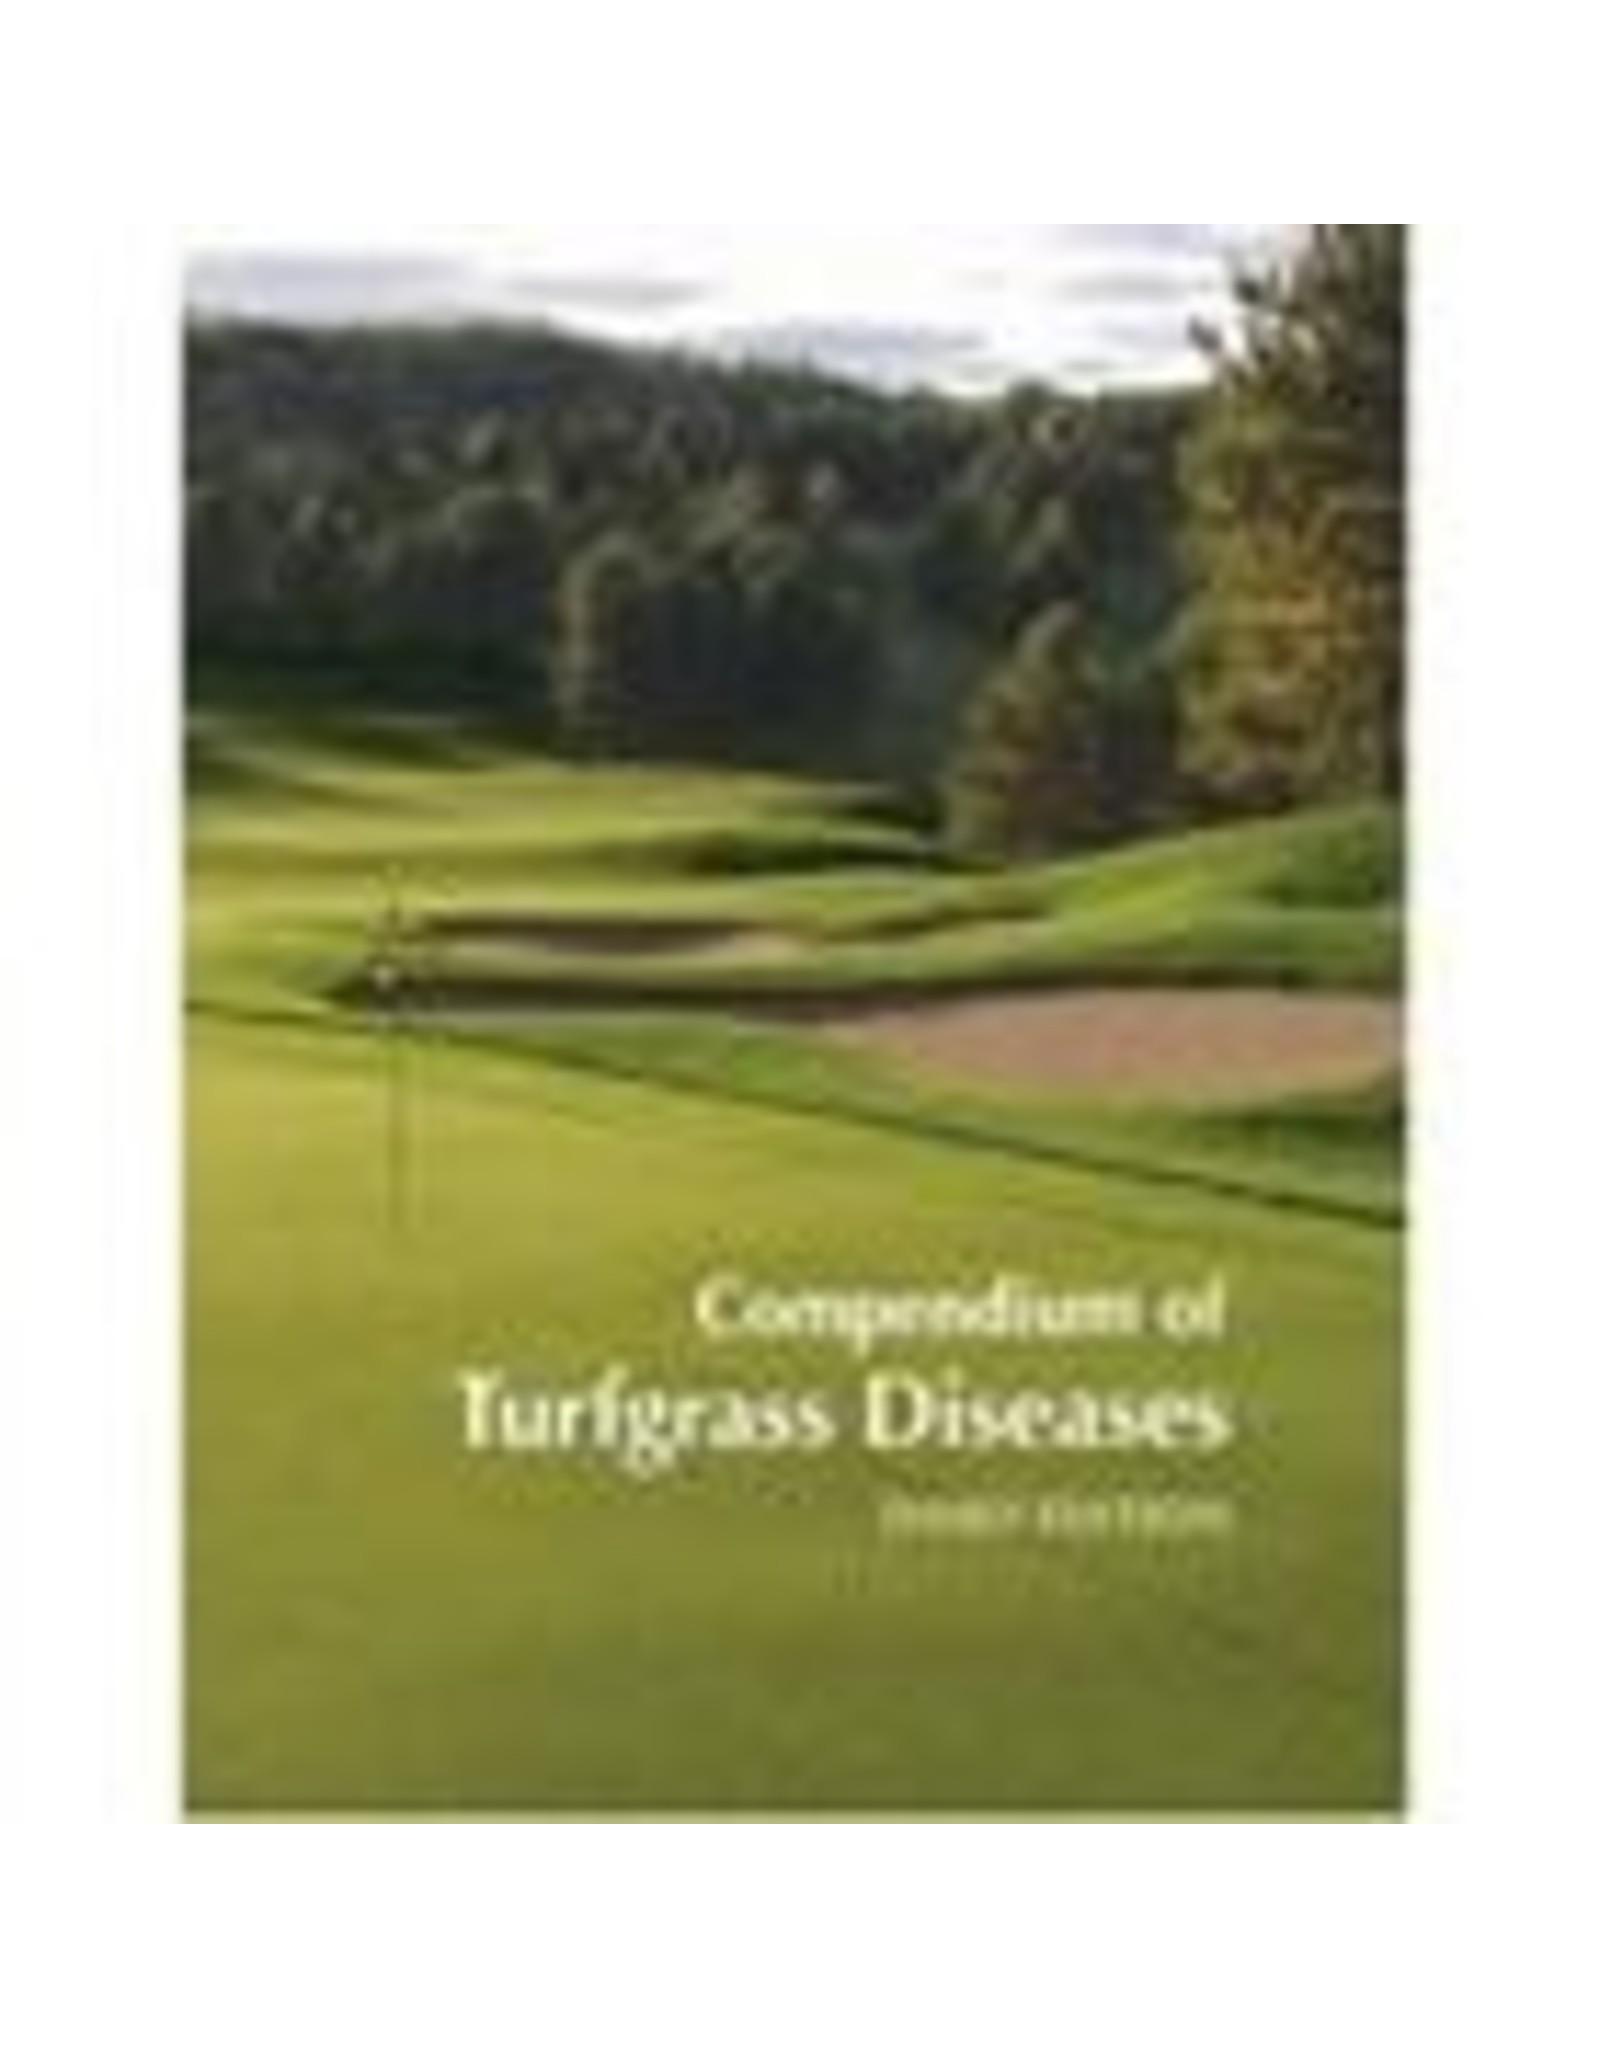 Compendium of Turfgrass Diseases - 3rd Ed.